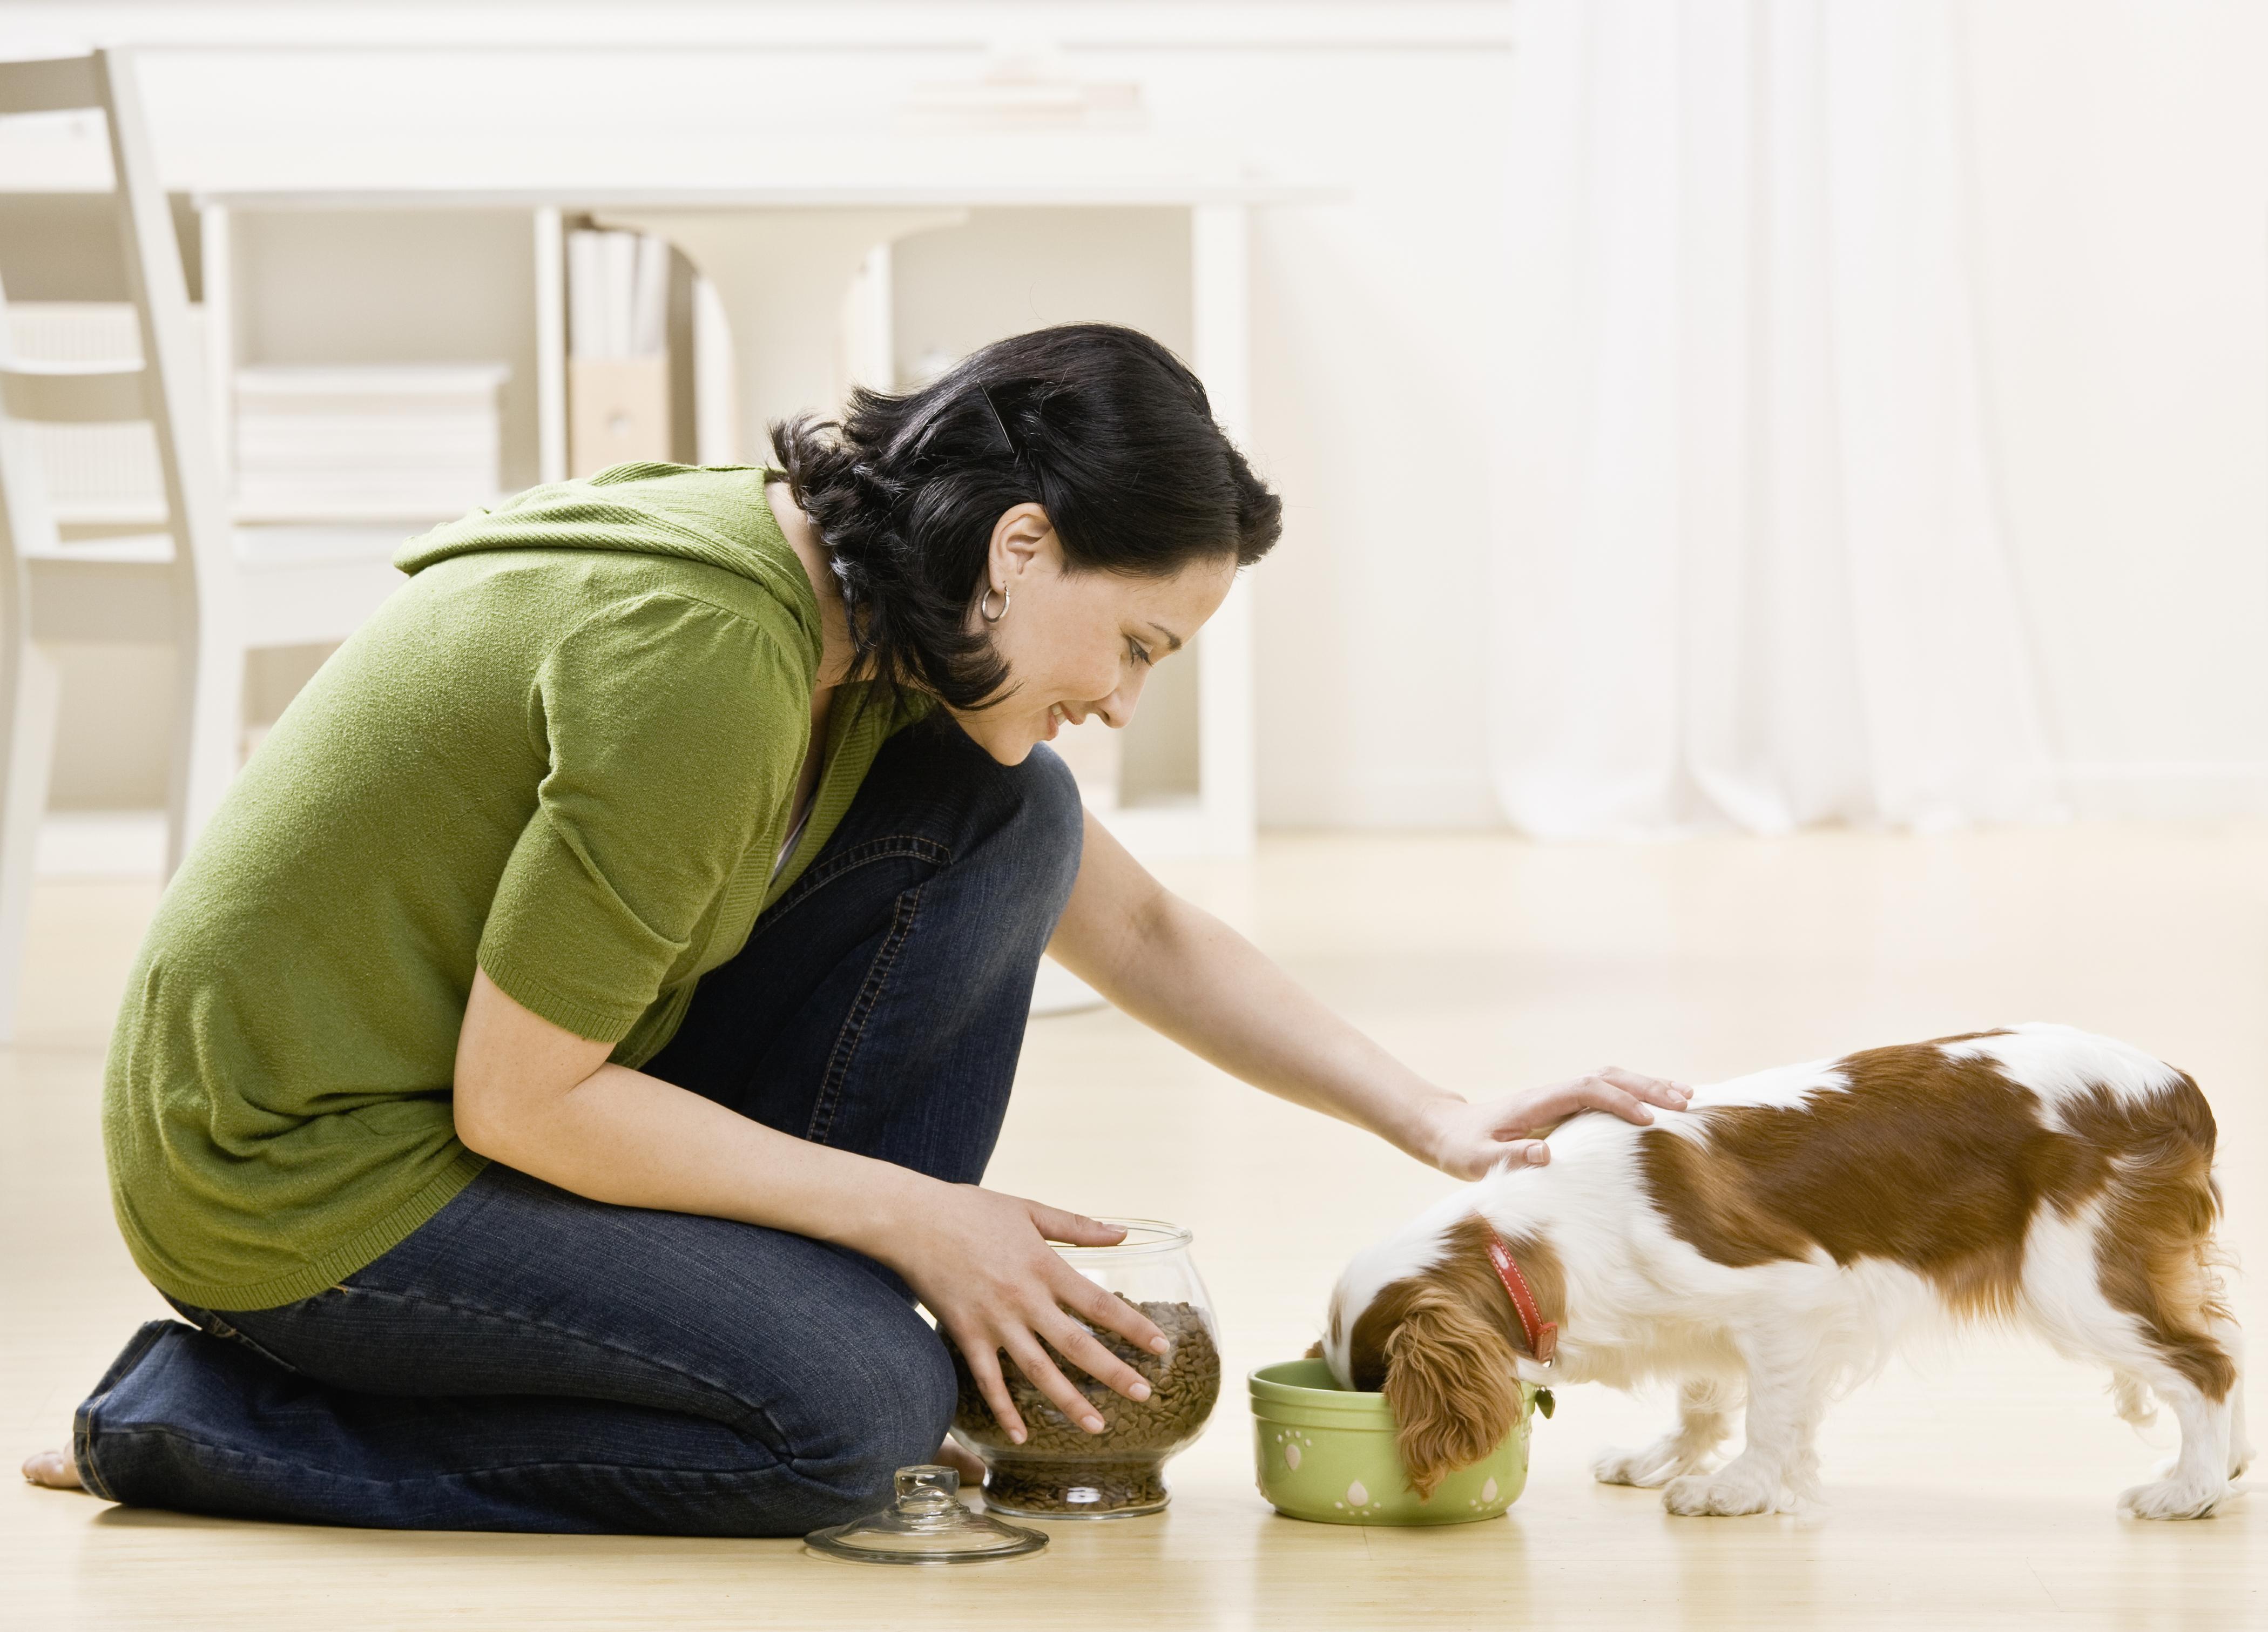 Какое домашнее животное лучше завести в квартире: советы по выбору, уходу и содержанию